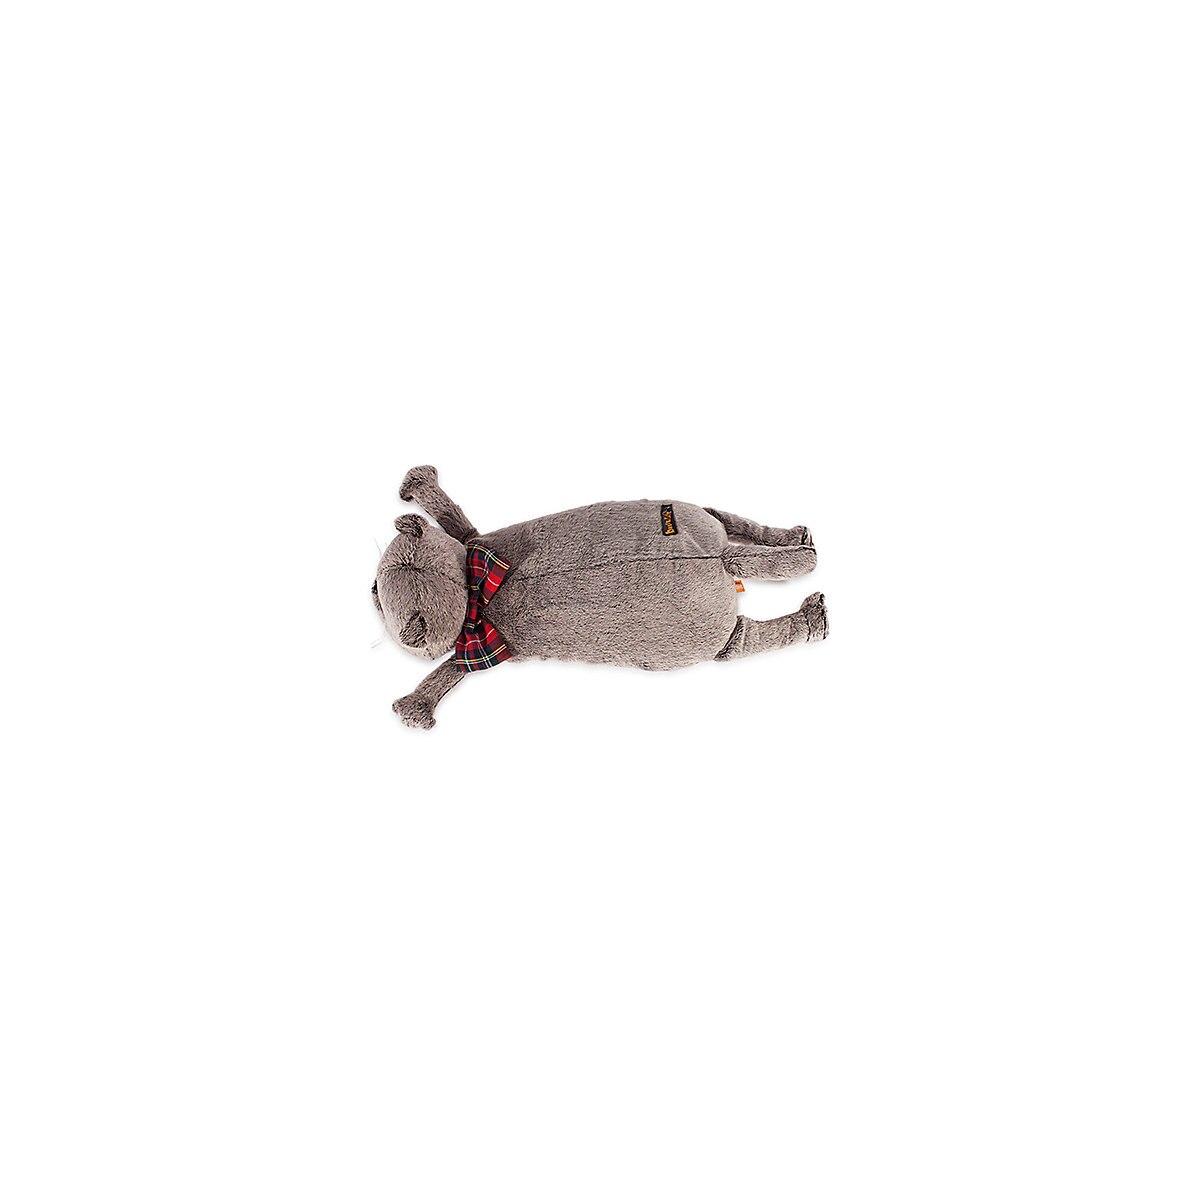 Pupazzi e peluches, animali BUDI BASA 7319979 Stitch Orso Totoro Giraffe Fox Gatto Del Cane Morbido Per Bambini \'s giocattoli MTpromo - 4